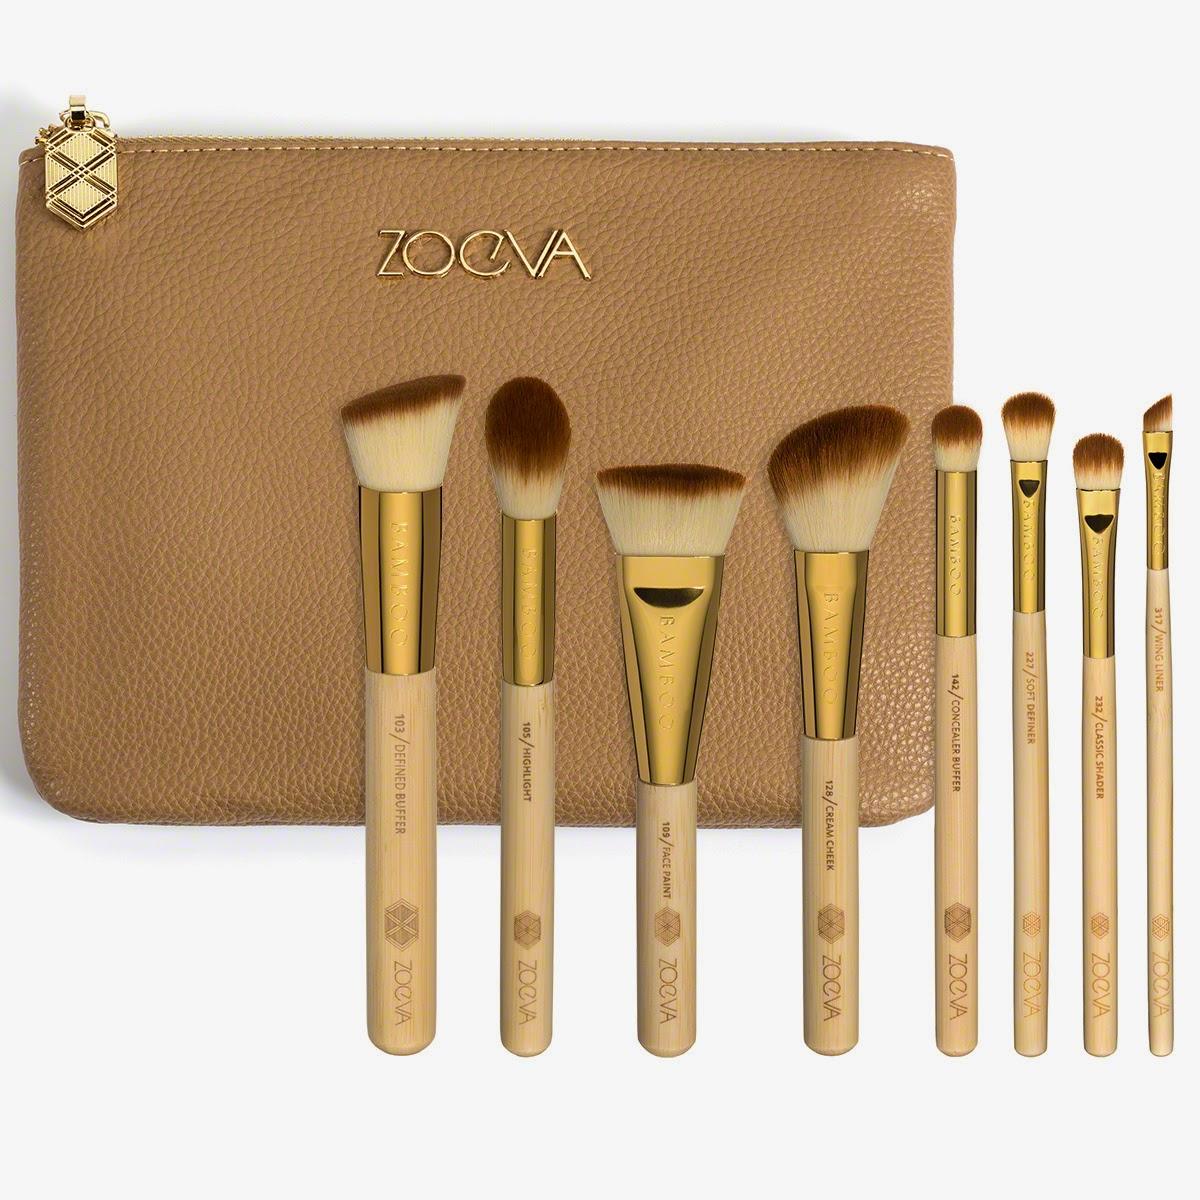 Zoeva Bamboo Vol 2 Brush Collection